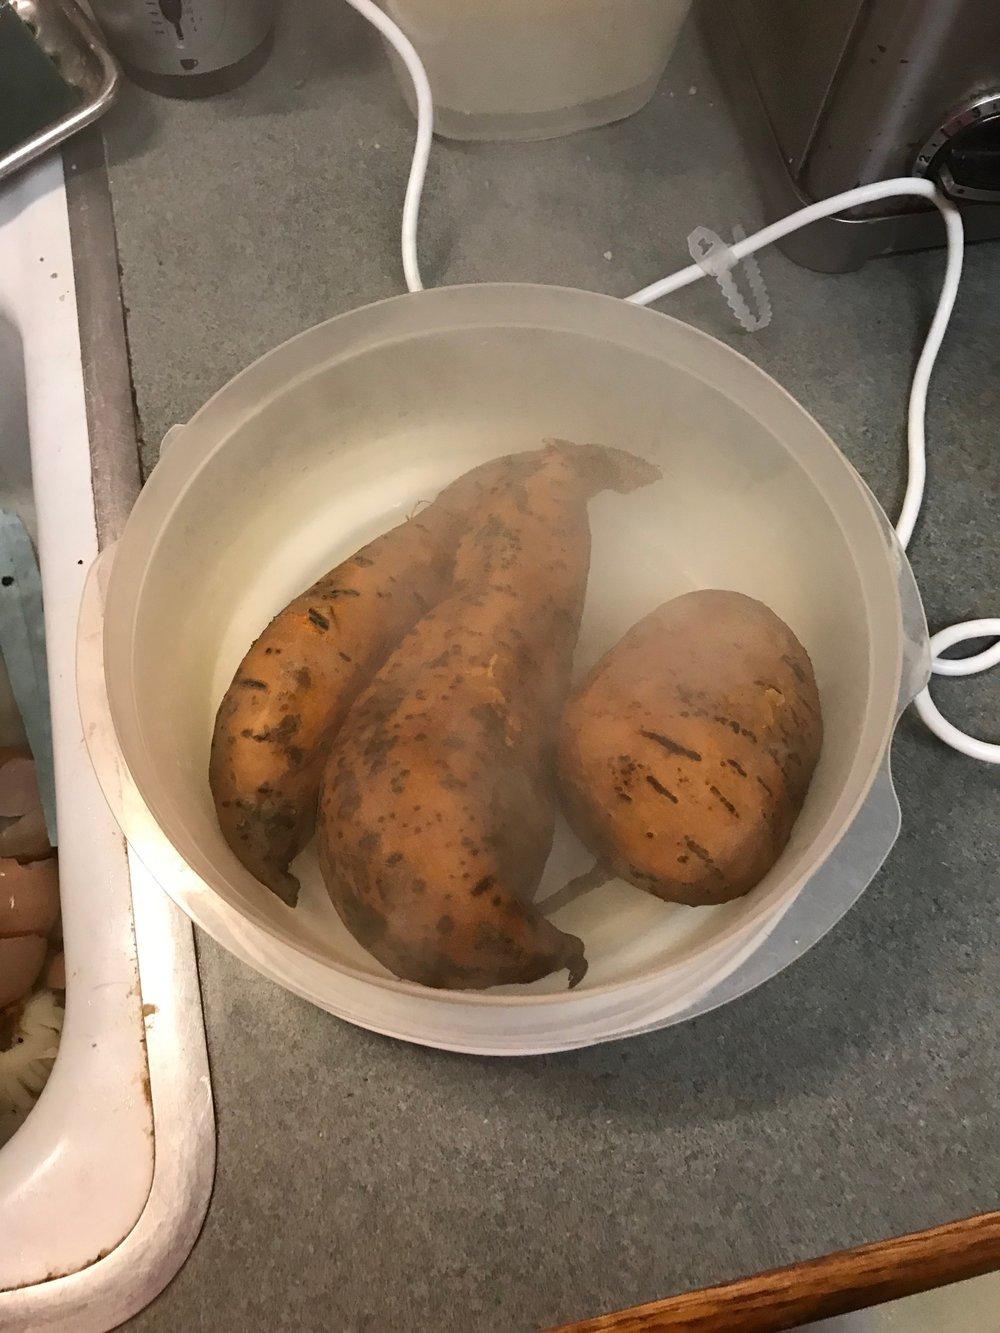 cooling sweet potatoes